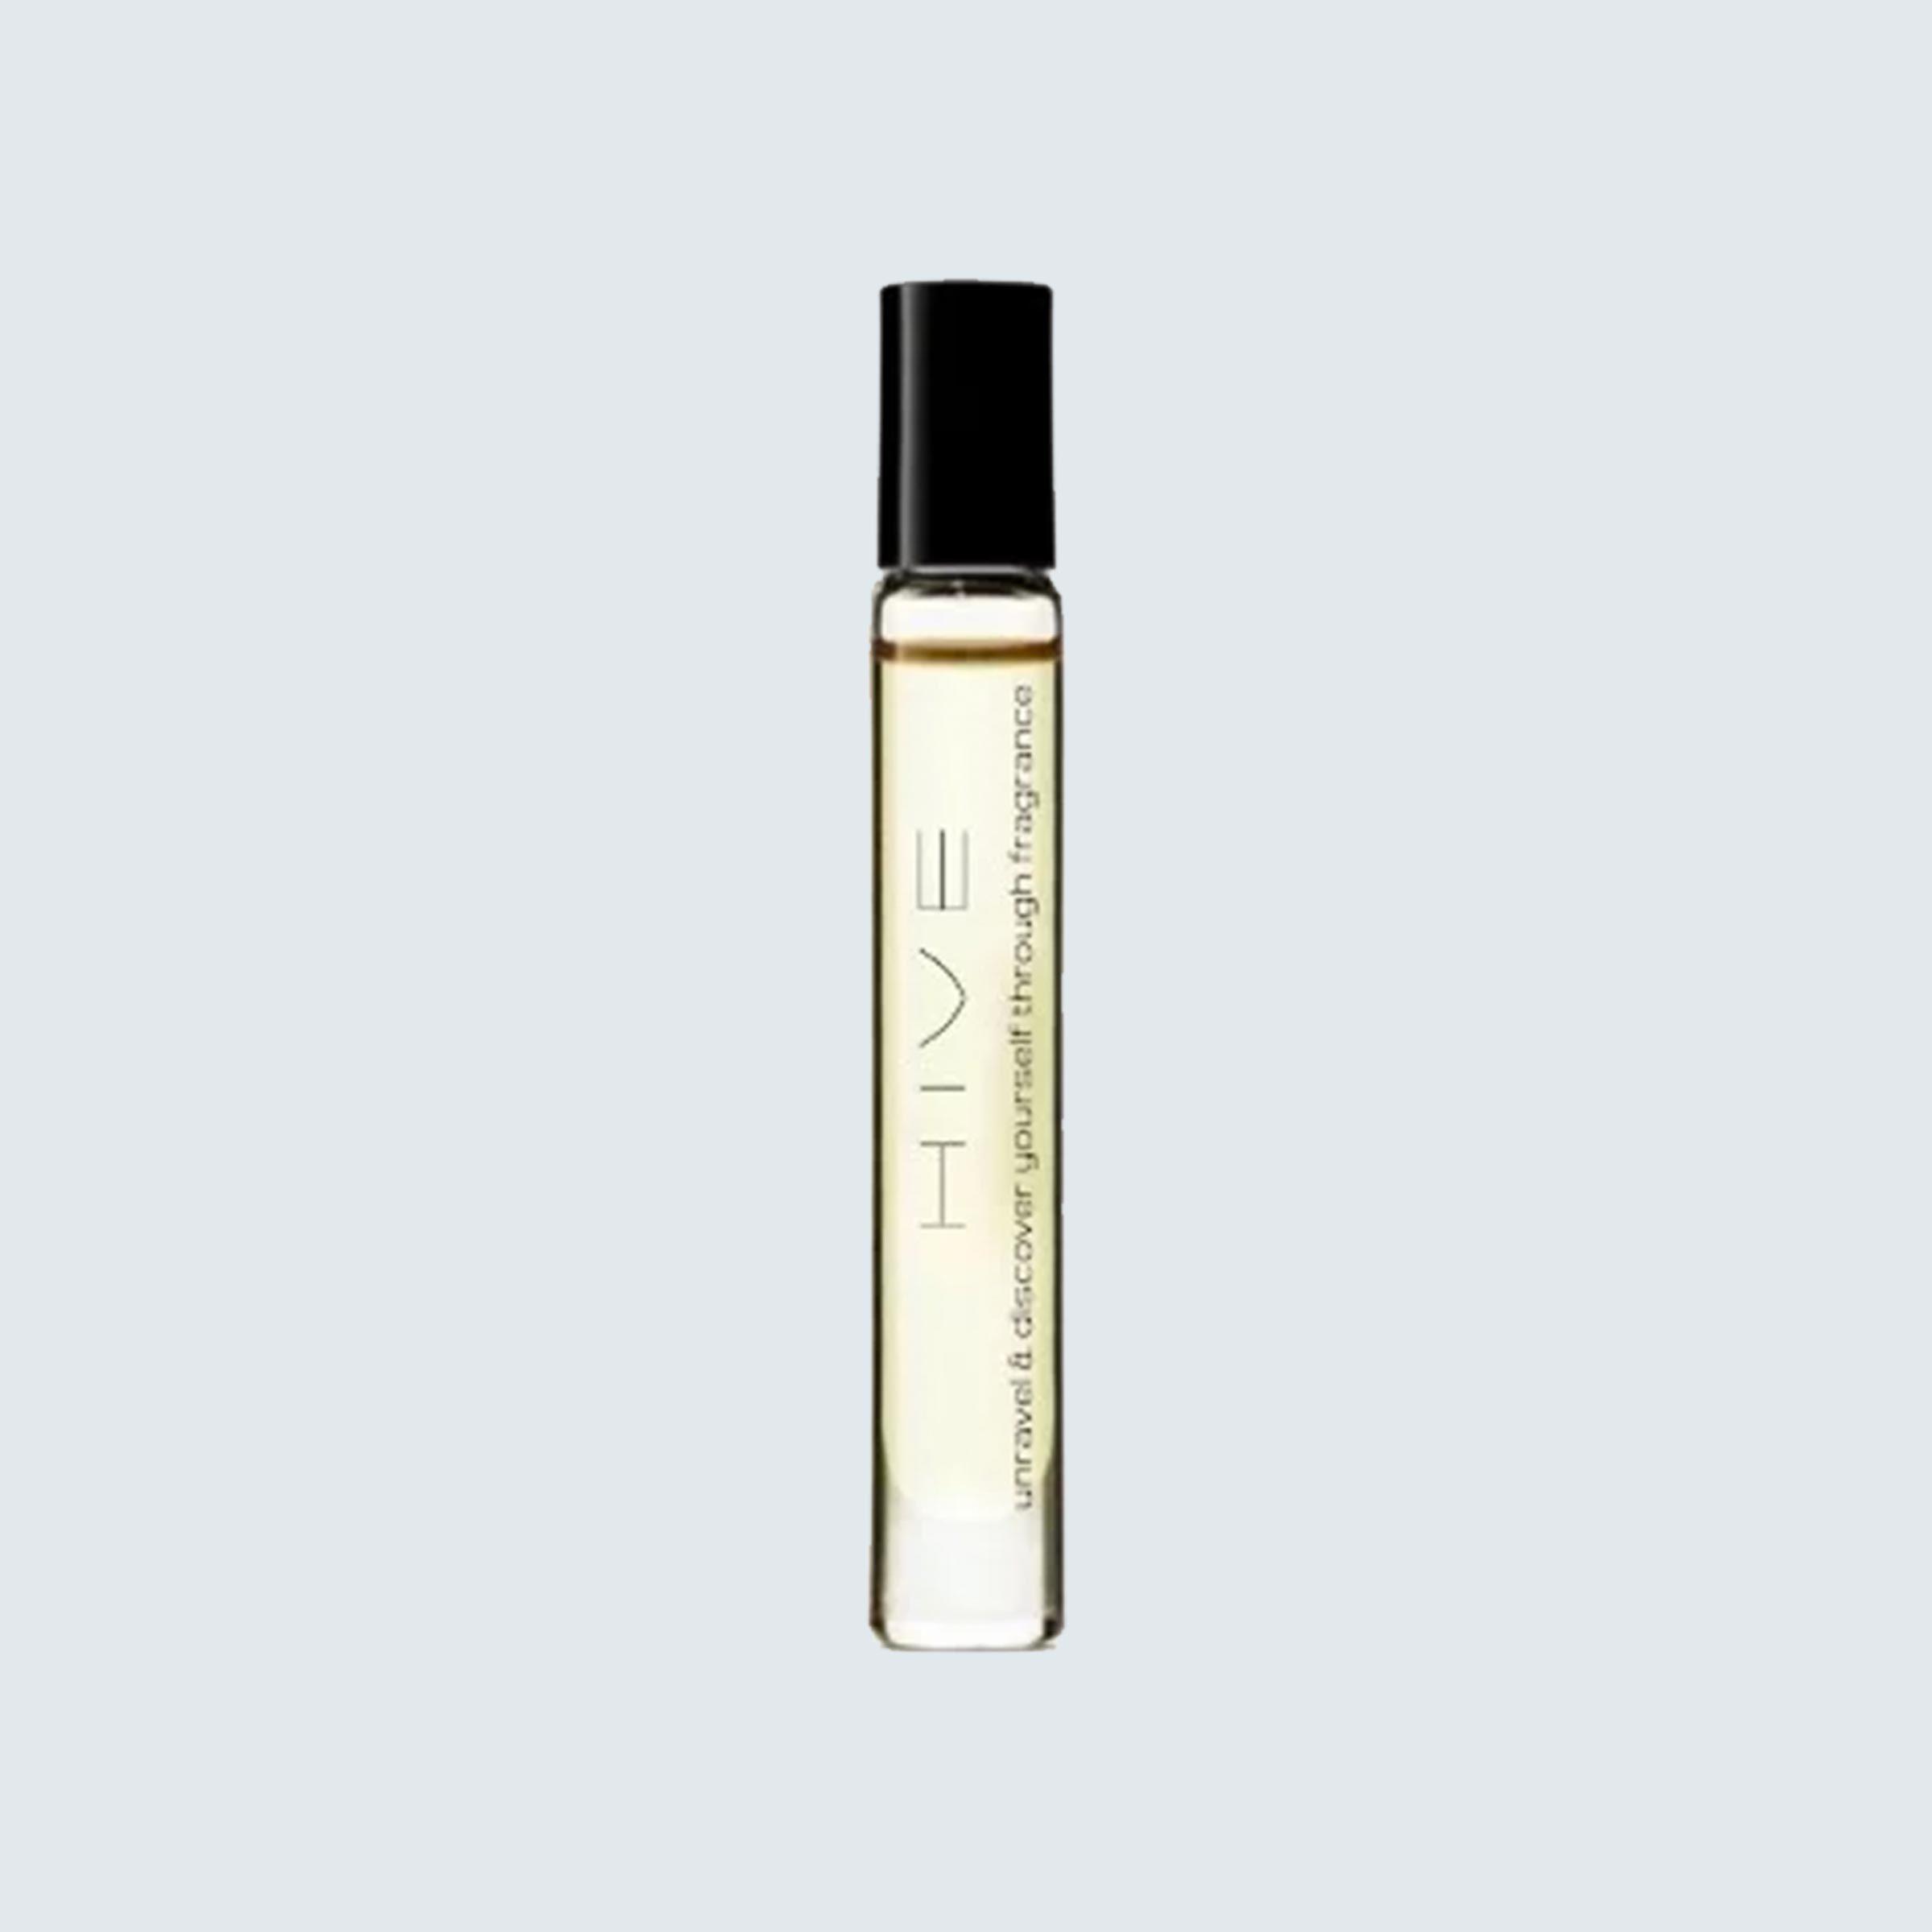 Hive Luxury Fragrances Love Child